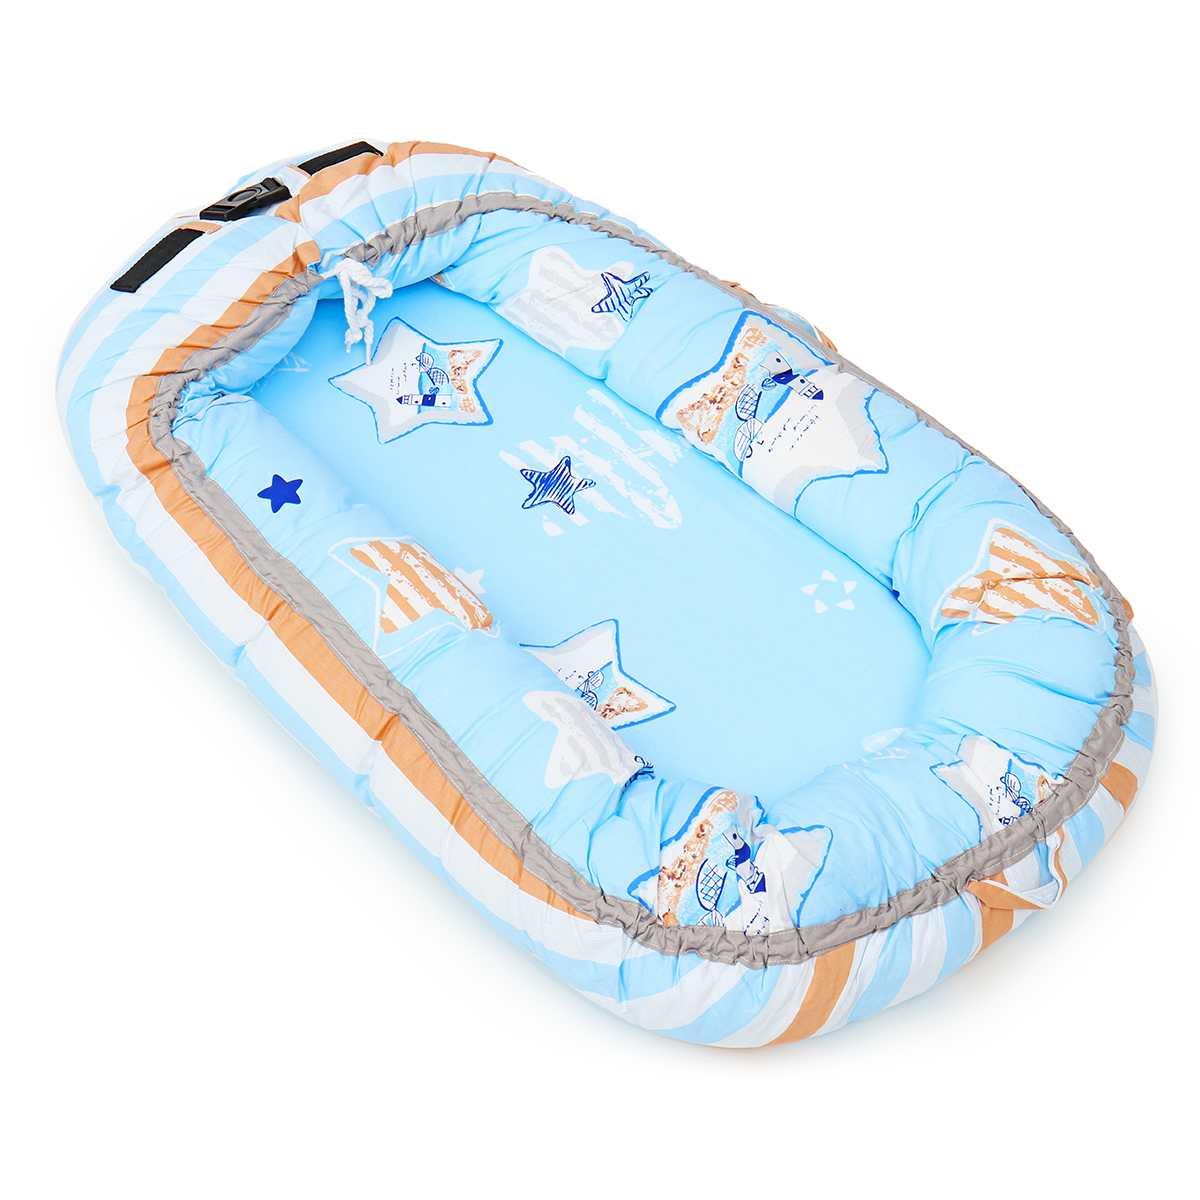 Enfants bébé nid lit berceau lit de voyage lit pour enfants infantile nouveau-né coton berceau portable amovible lavable 80x50 cm